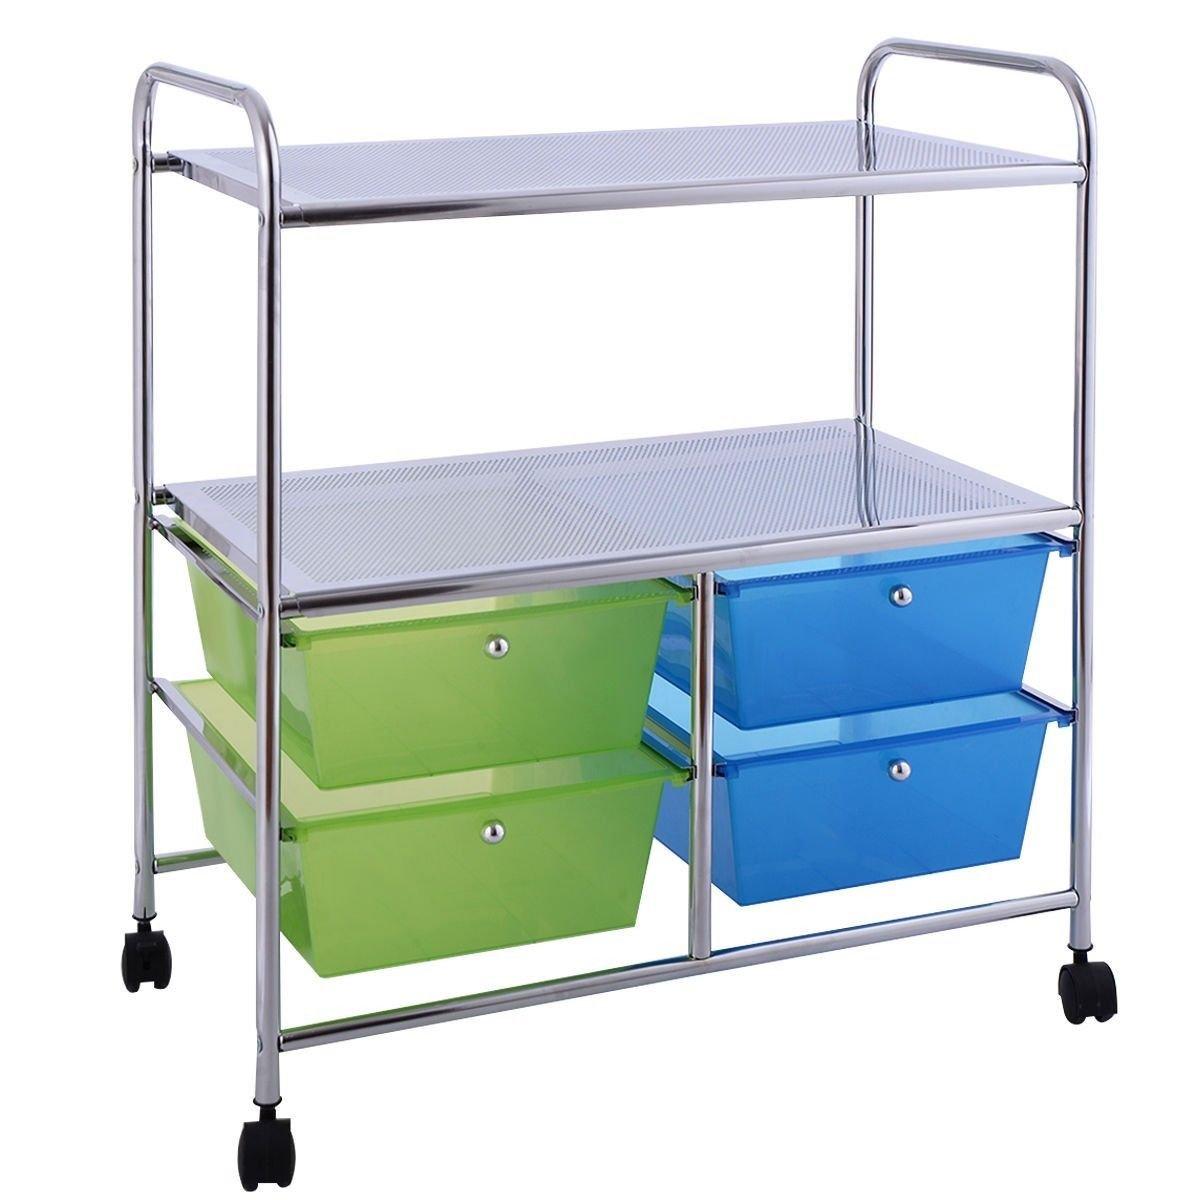 Moon_Daughter 4 Wheel 4 Drawer 2 Shelves Rolling Storage Cart Shelf Tiers 4 Drawers Organizer Plastic Basket Lumber